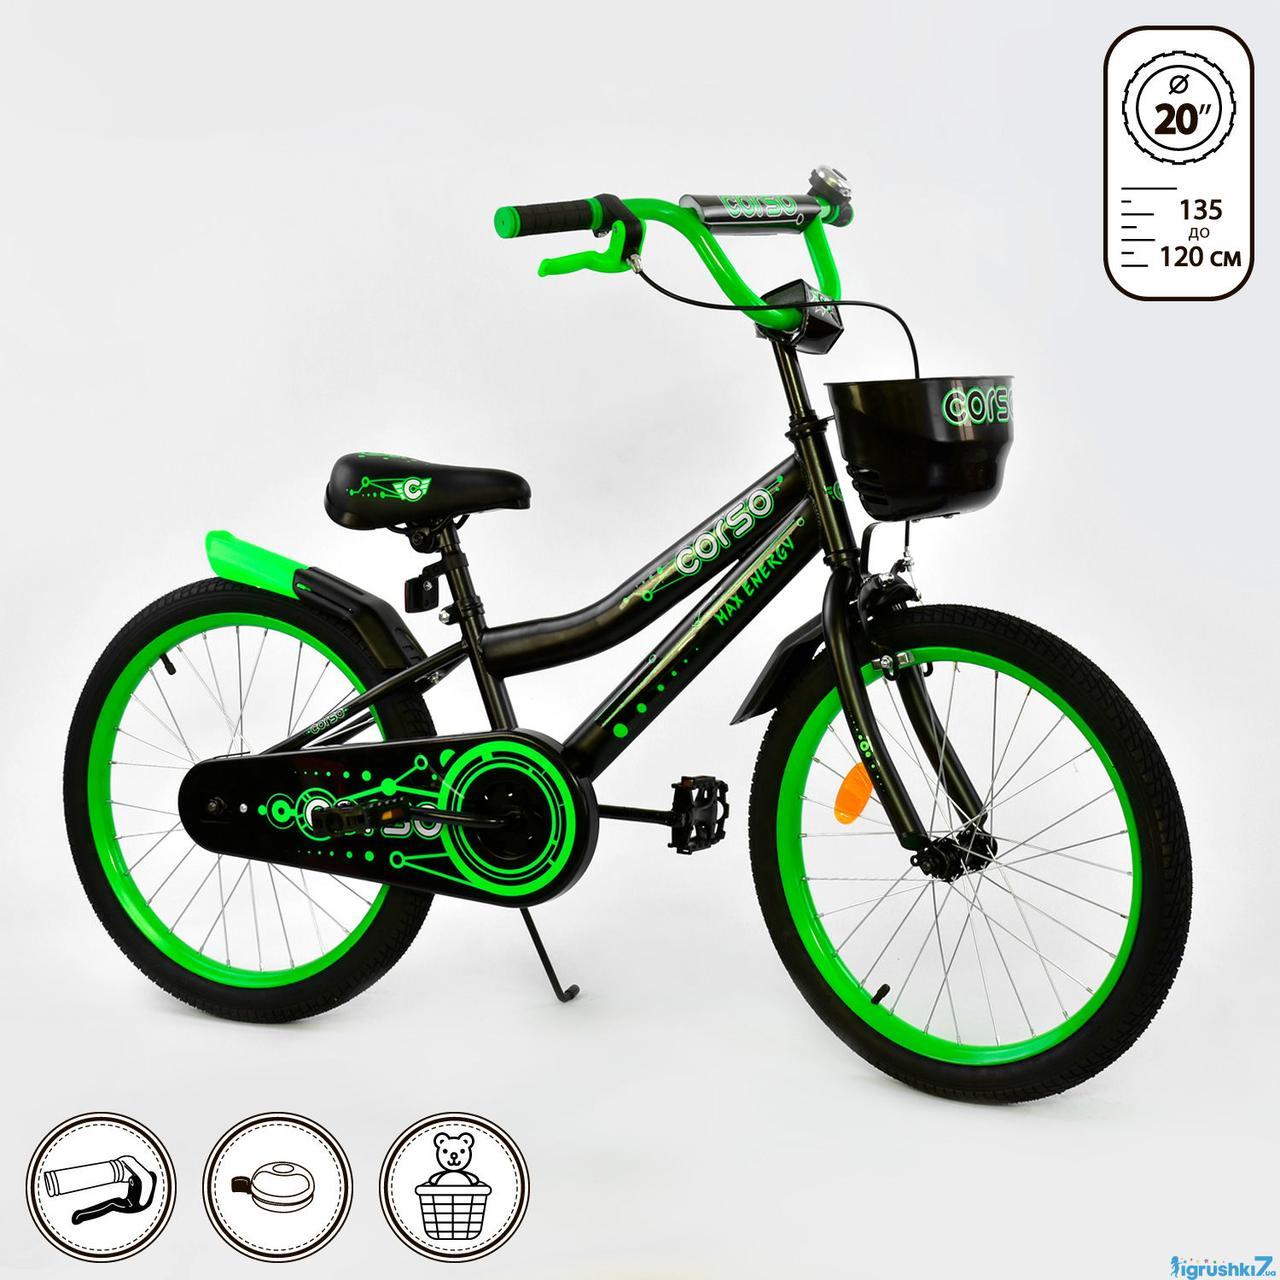 Двухколесный детский велосипед 20 дюймов CORSO R-20651 черно-зеленый с корзинкой